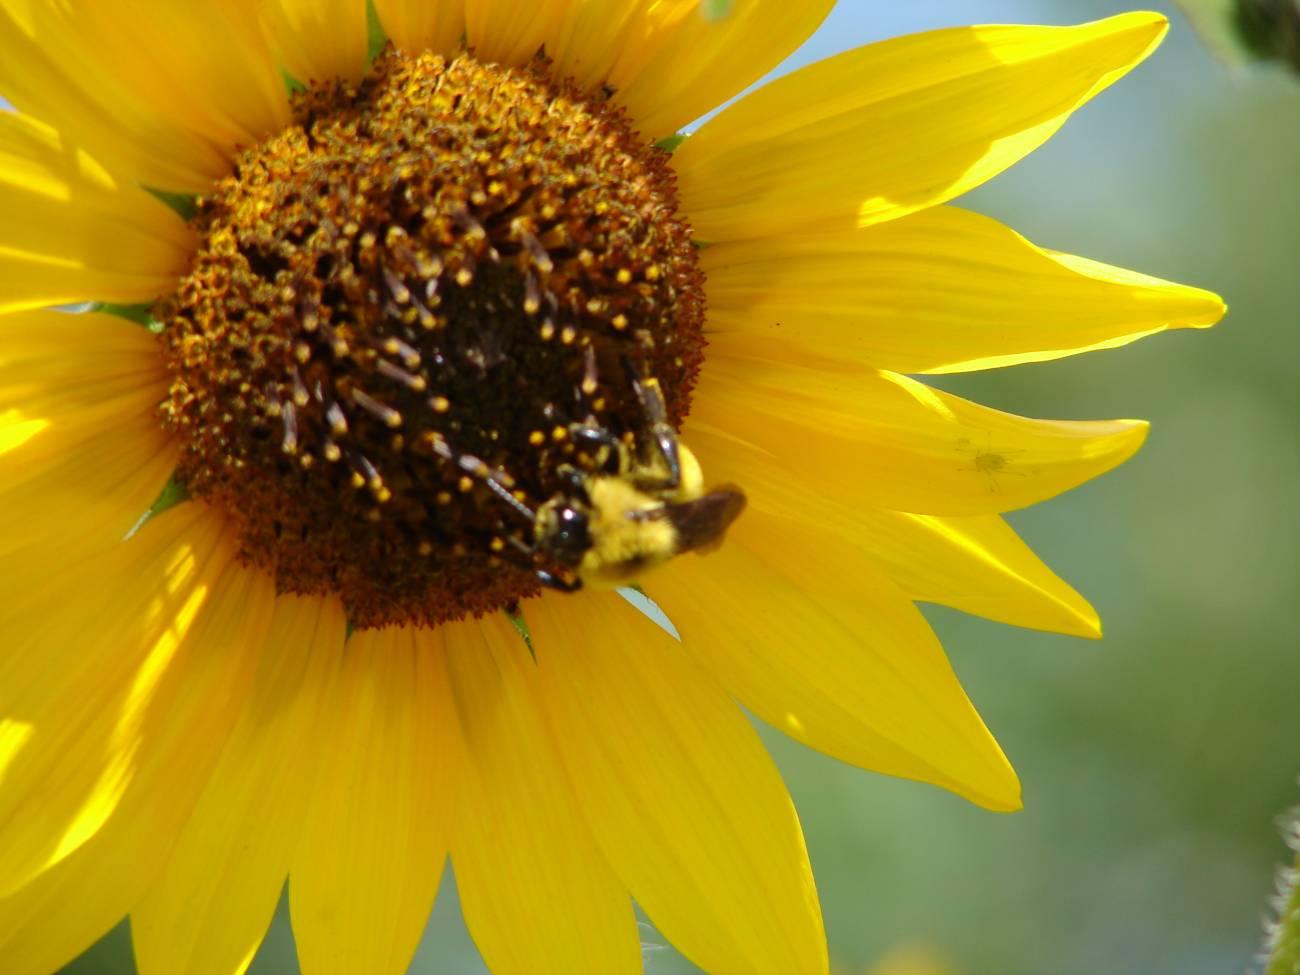 Las abejas actúan como polinizadores naturales.